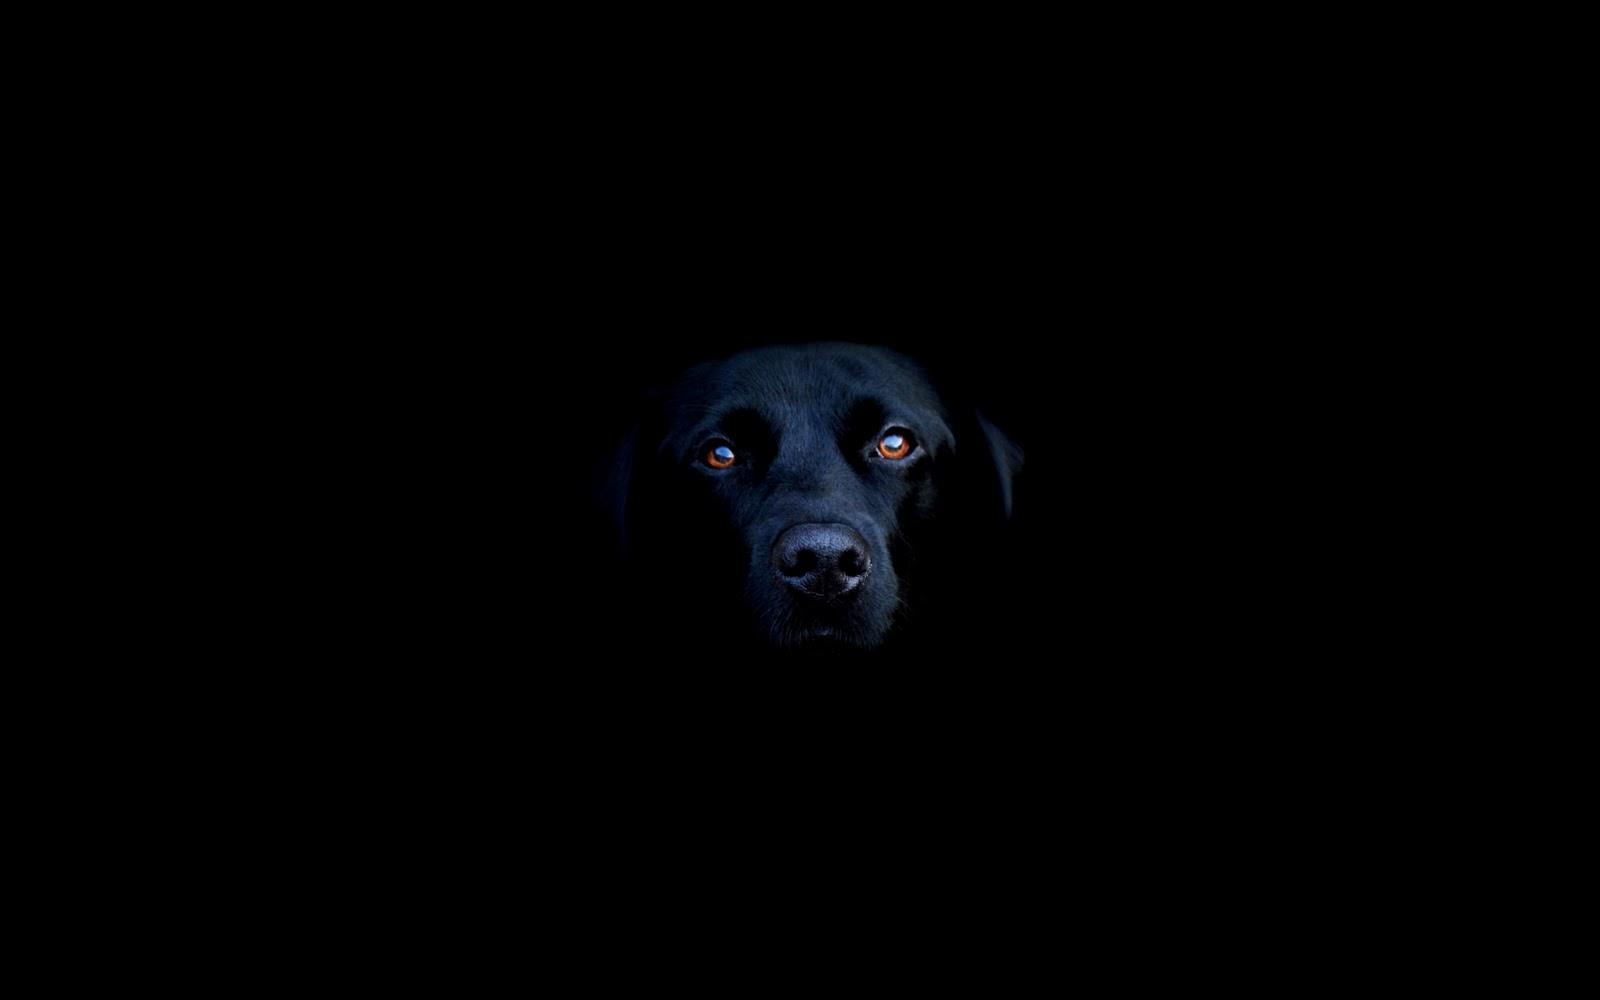 honden achtergronden hd wallpapers - photo #29